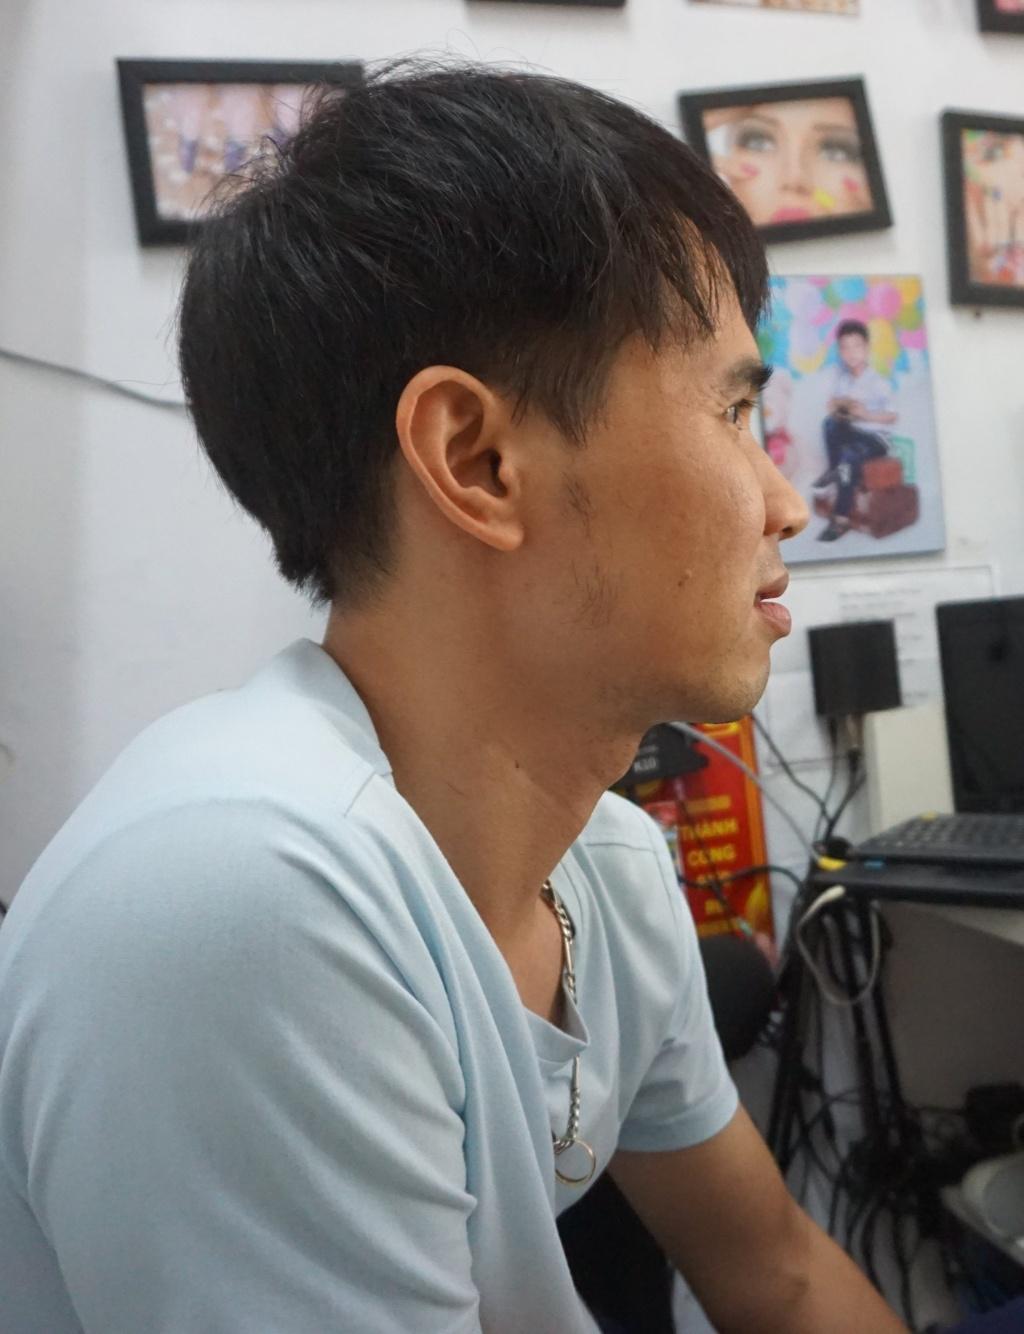 Chang trai liet ca 2 chan cuoi duoc vo nho nhan tin lam quen qua MXH hinh anh 3 1588ede65515af4bf604_1.jpg